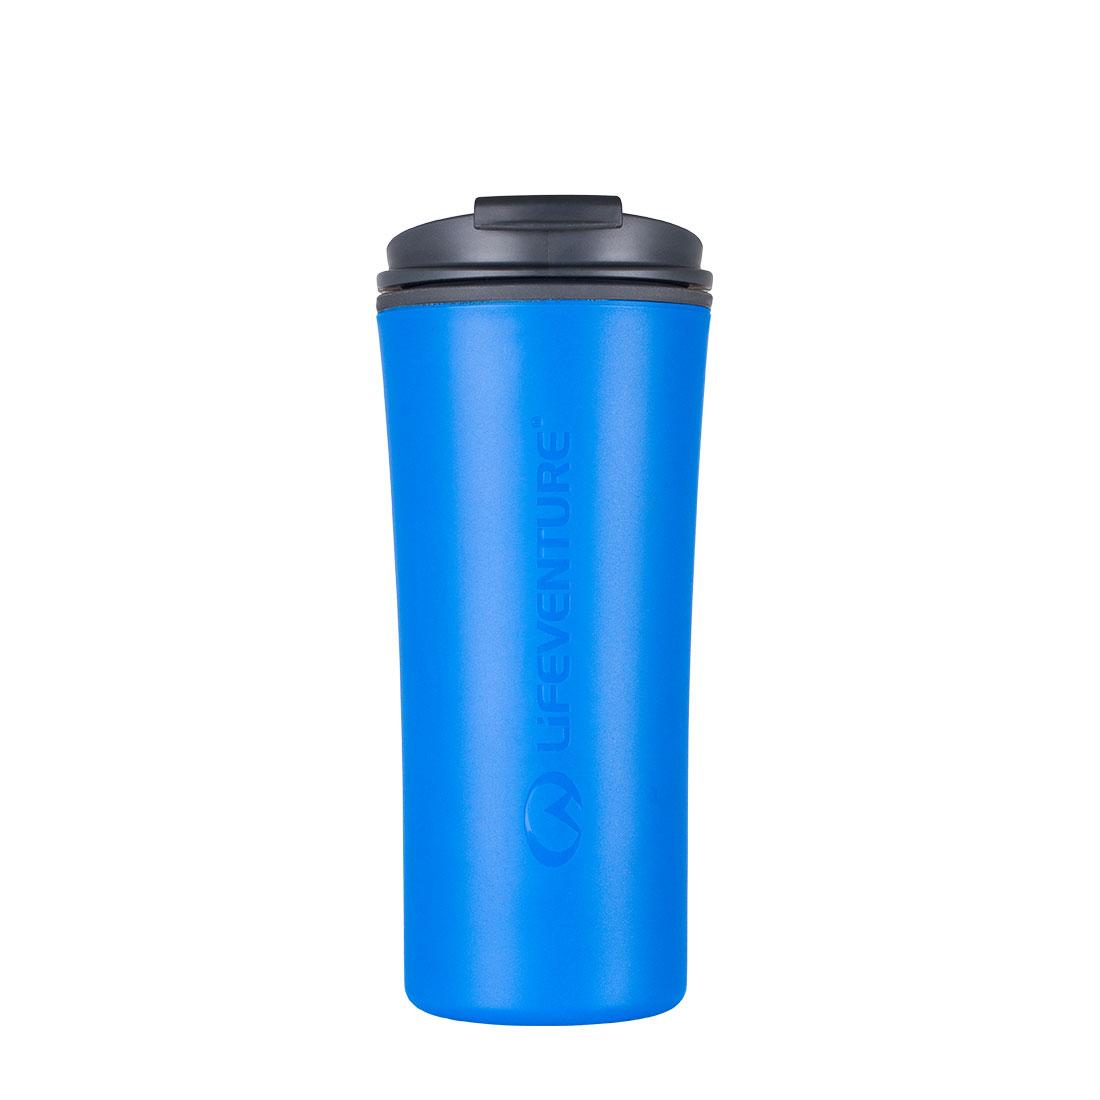 Ellipse Travel Mug (graphite)